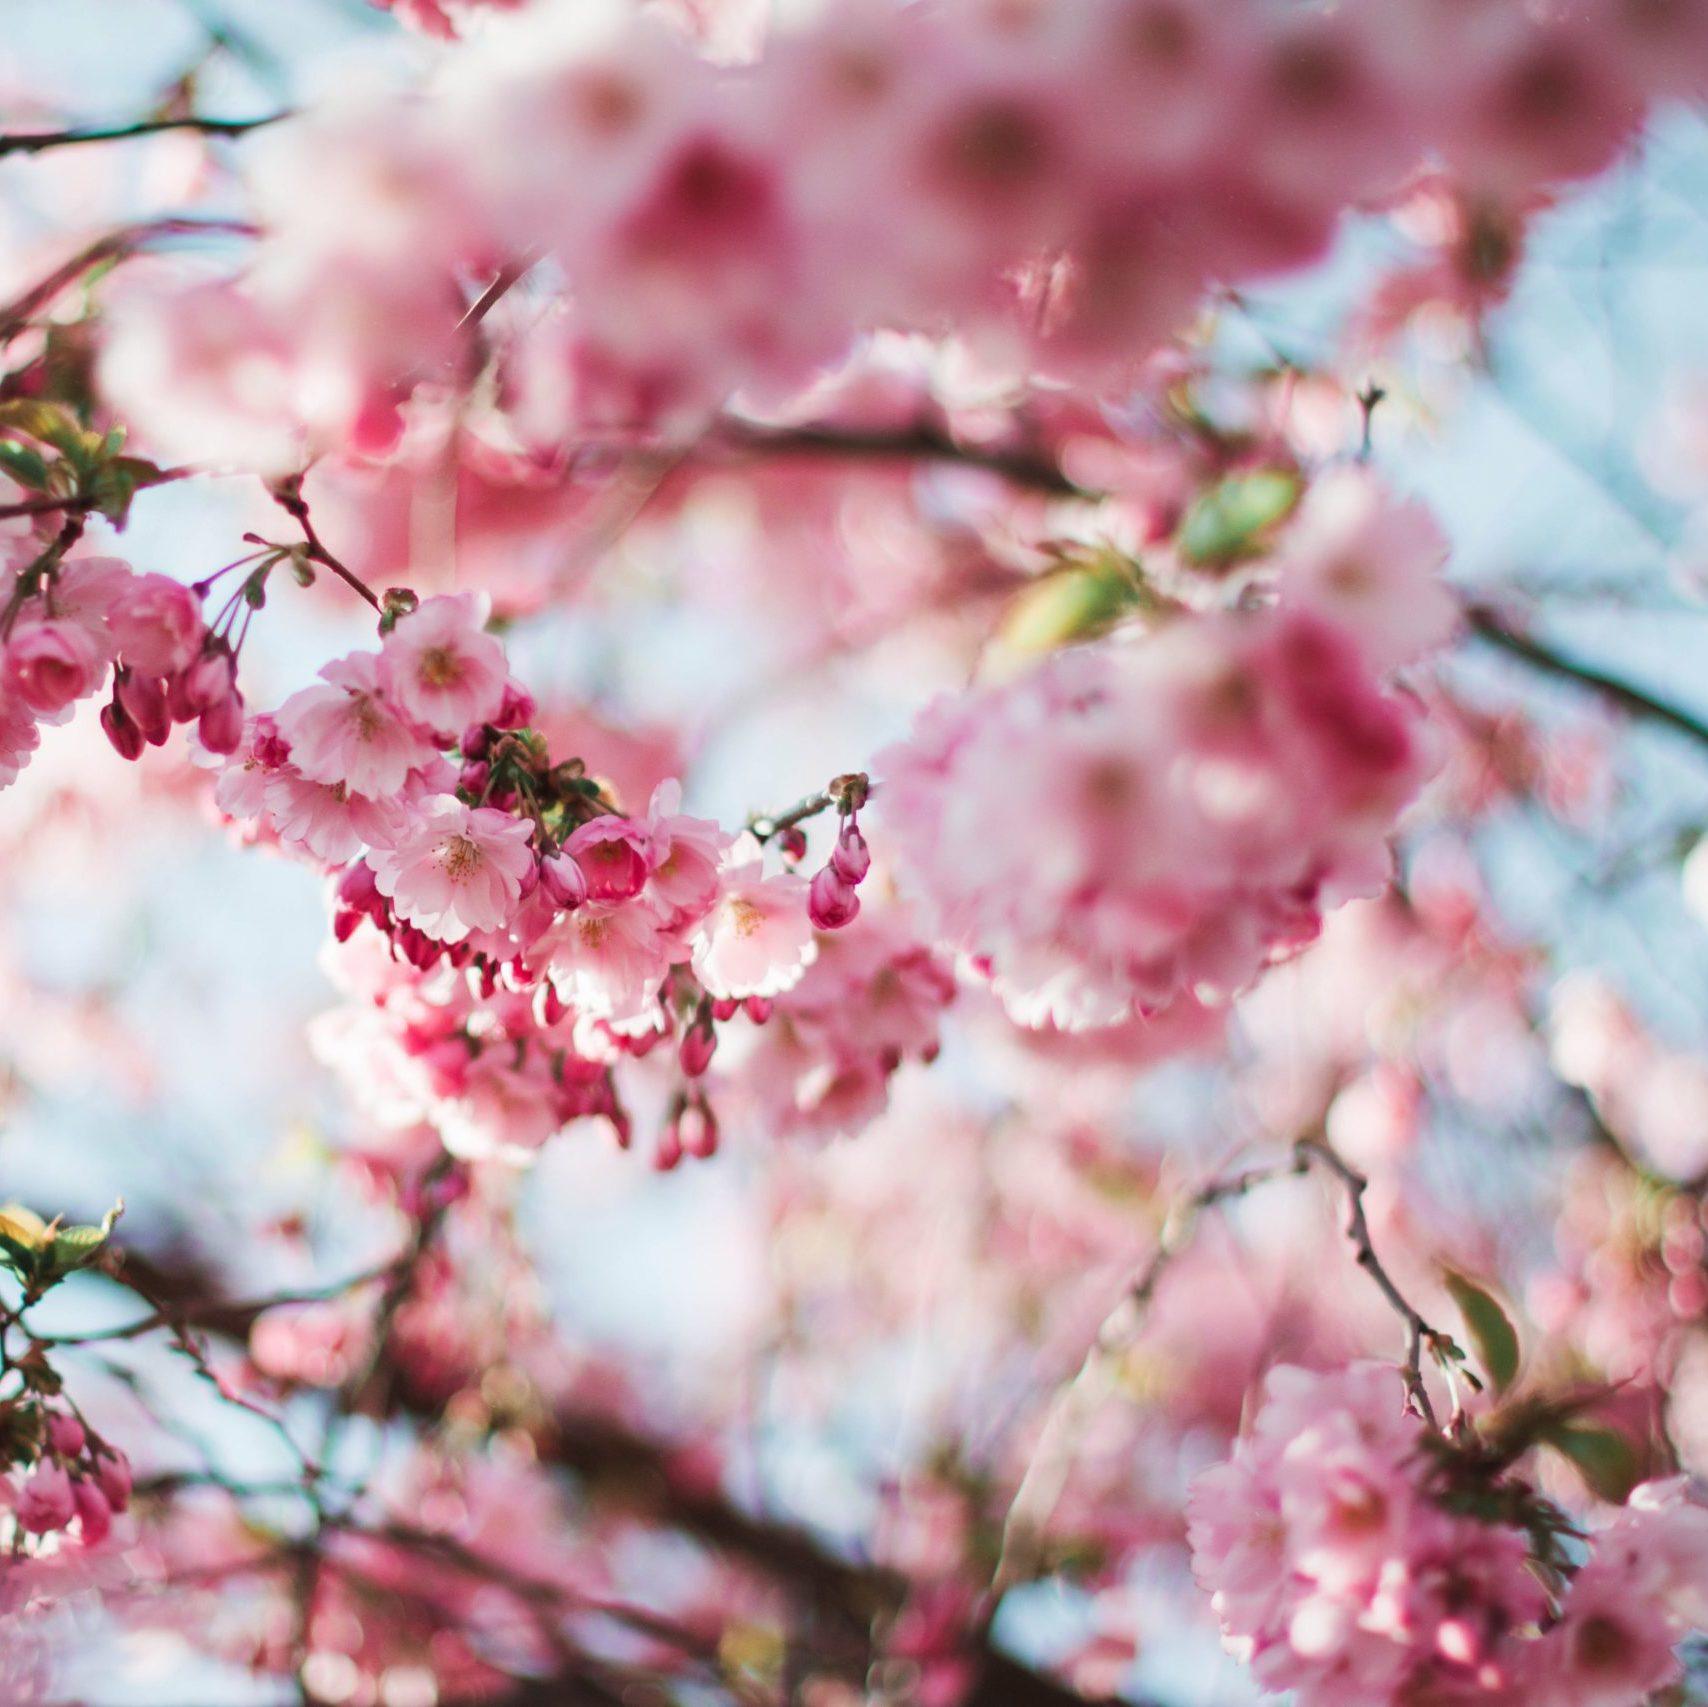 Arbole de cereza florecido